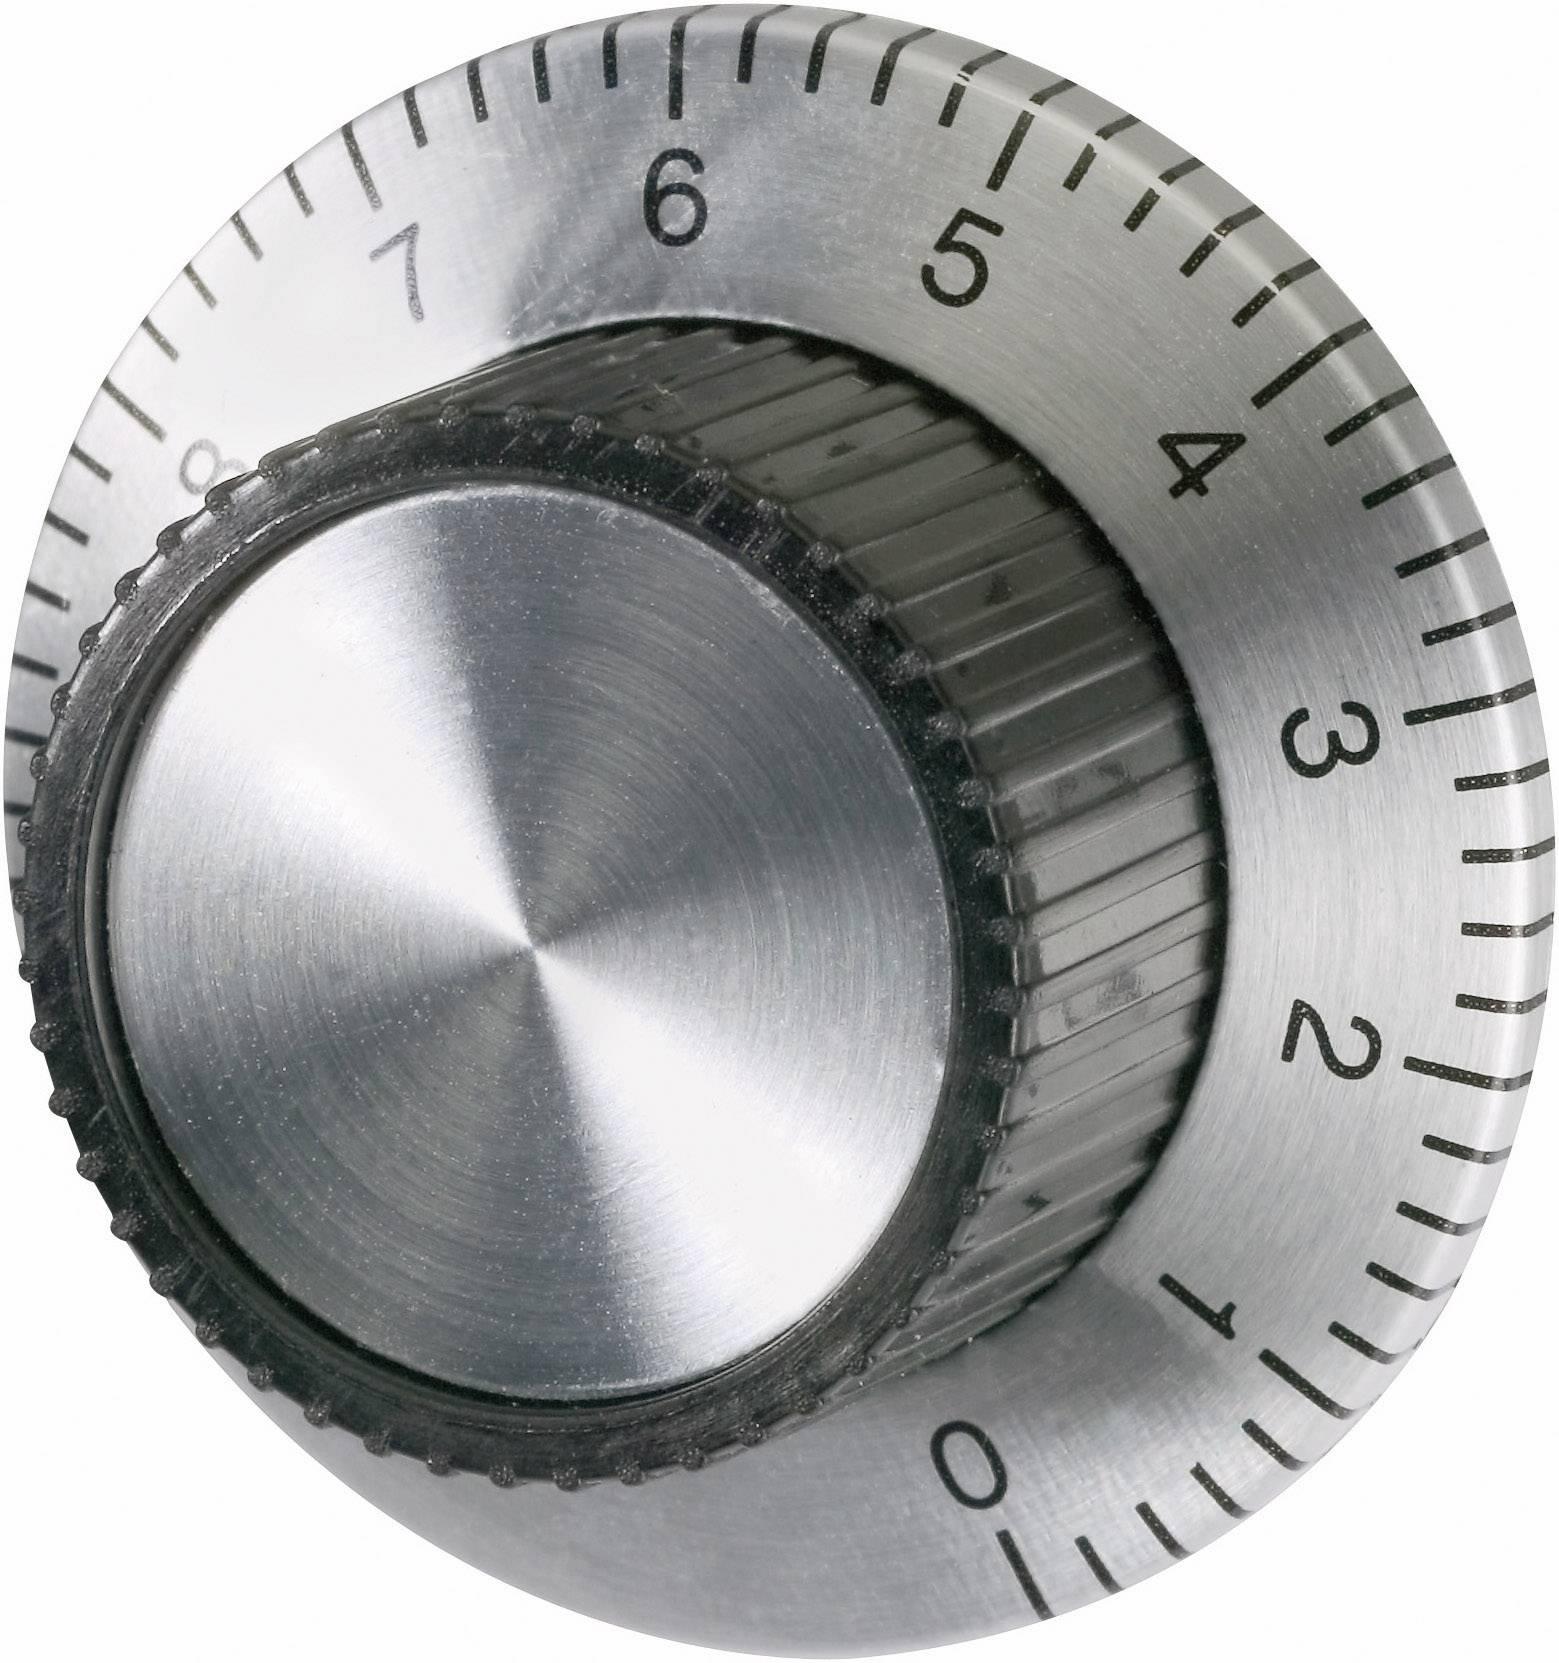 Univerzální otočný knoflík se stupnicí, 23,8 x 37 x 15 mm, 6,4 mm, stříbrná